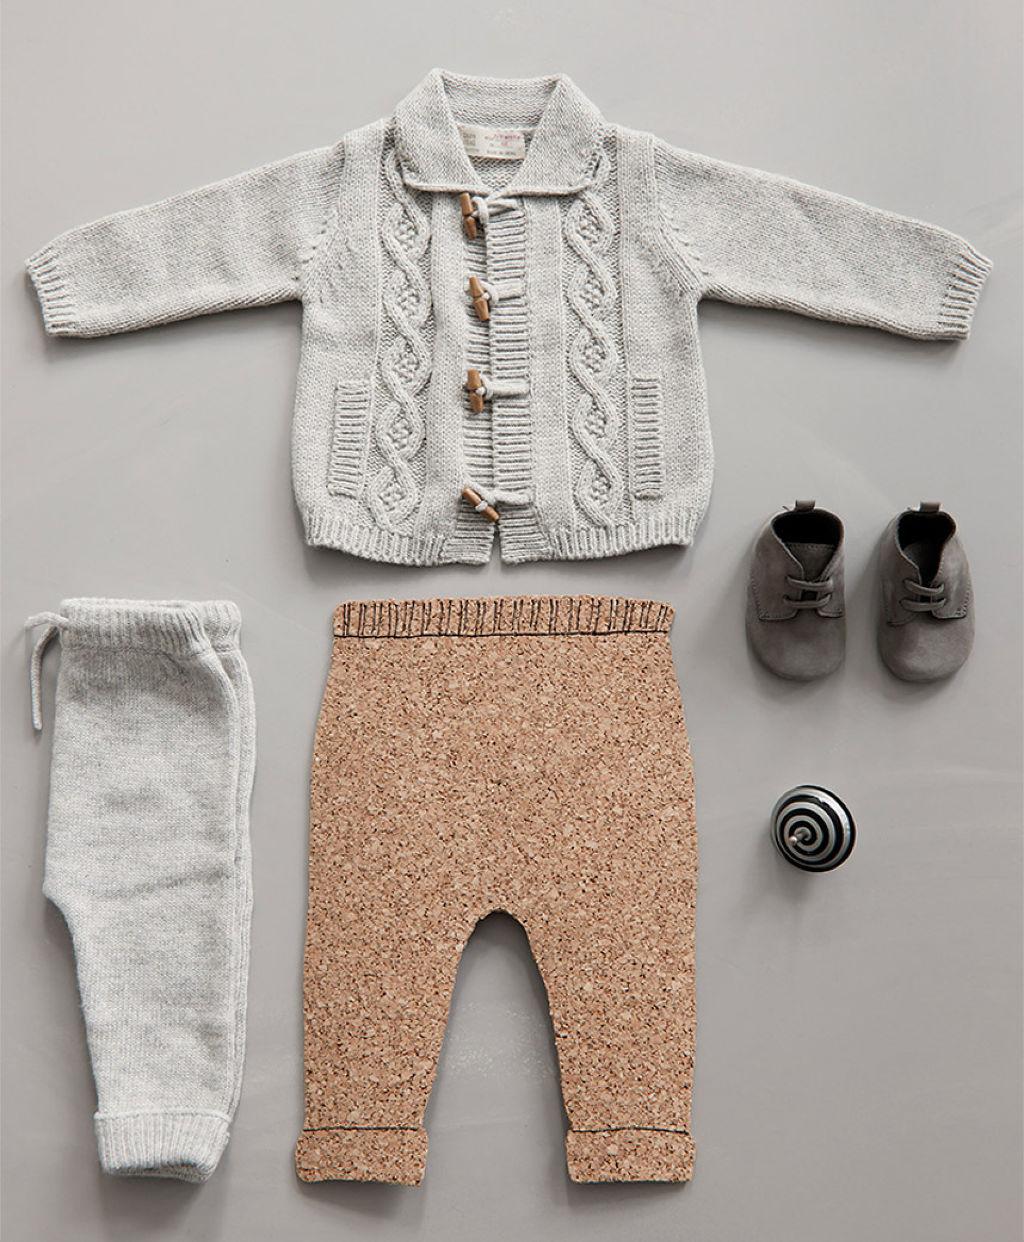 Zara mini lookbook 14